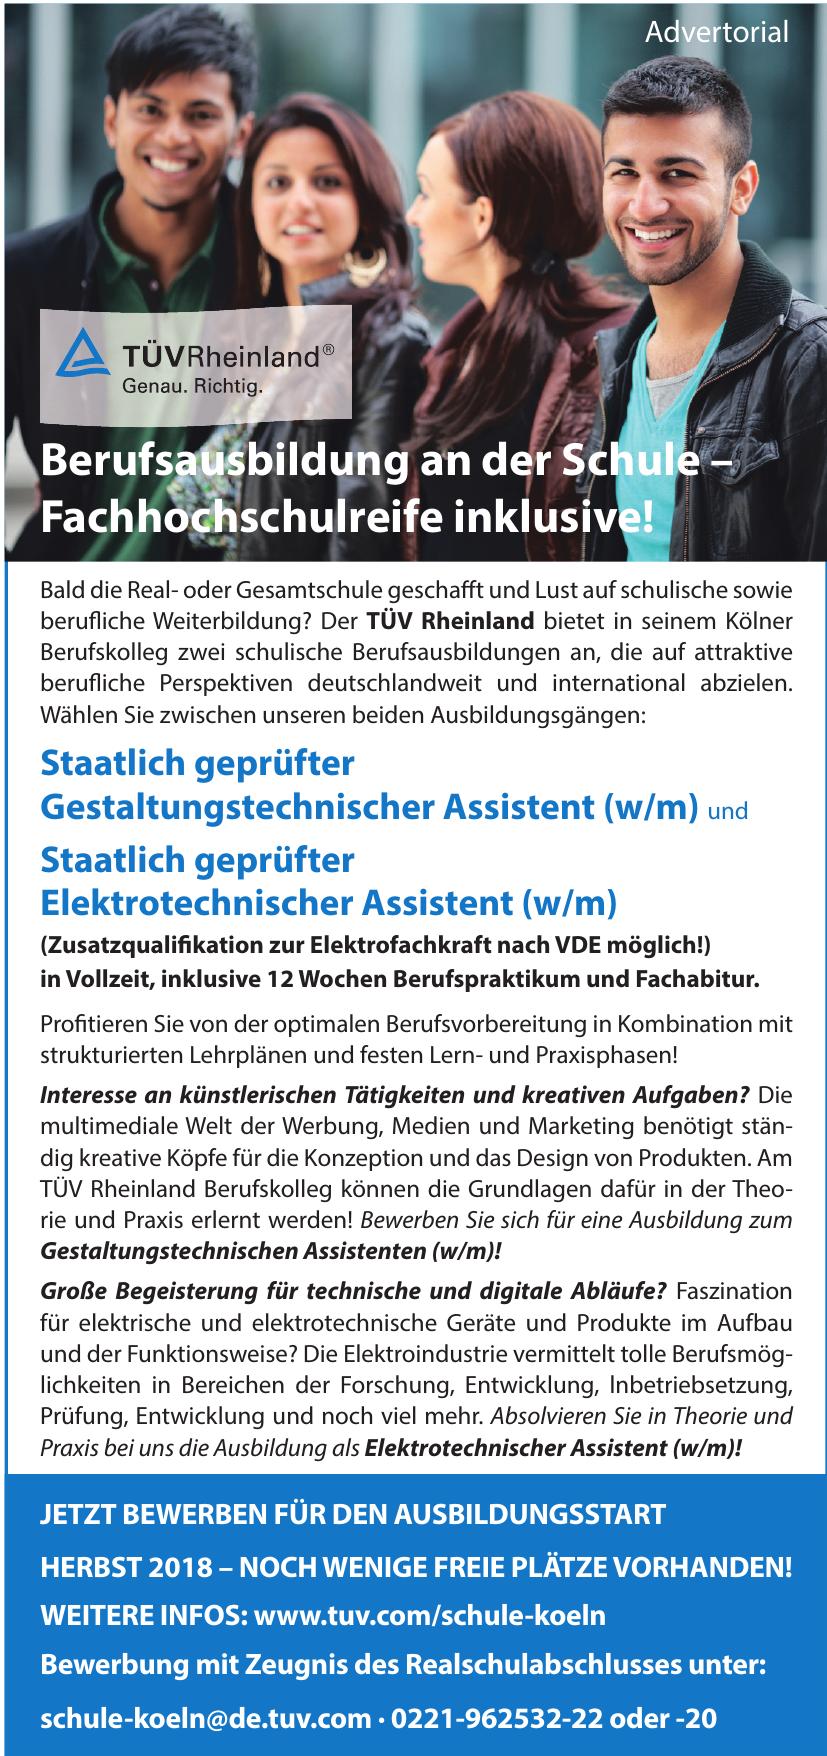 TÜV Rheinland - Kölner Berufskolleg